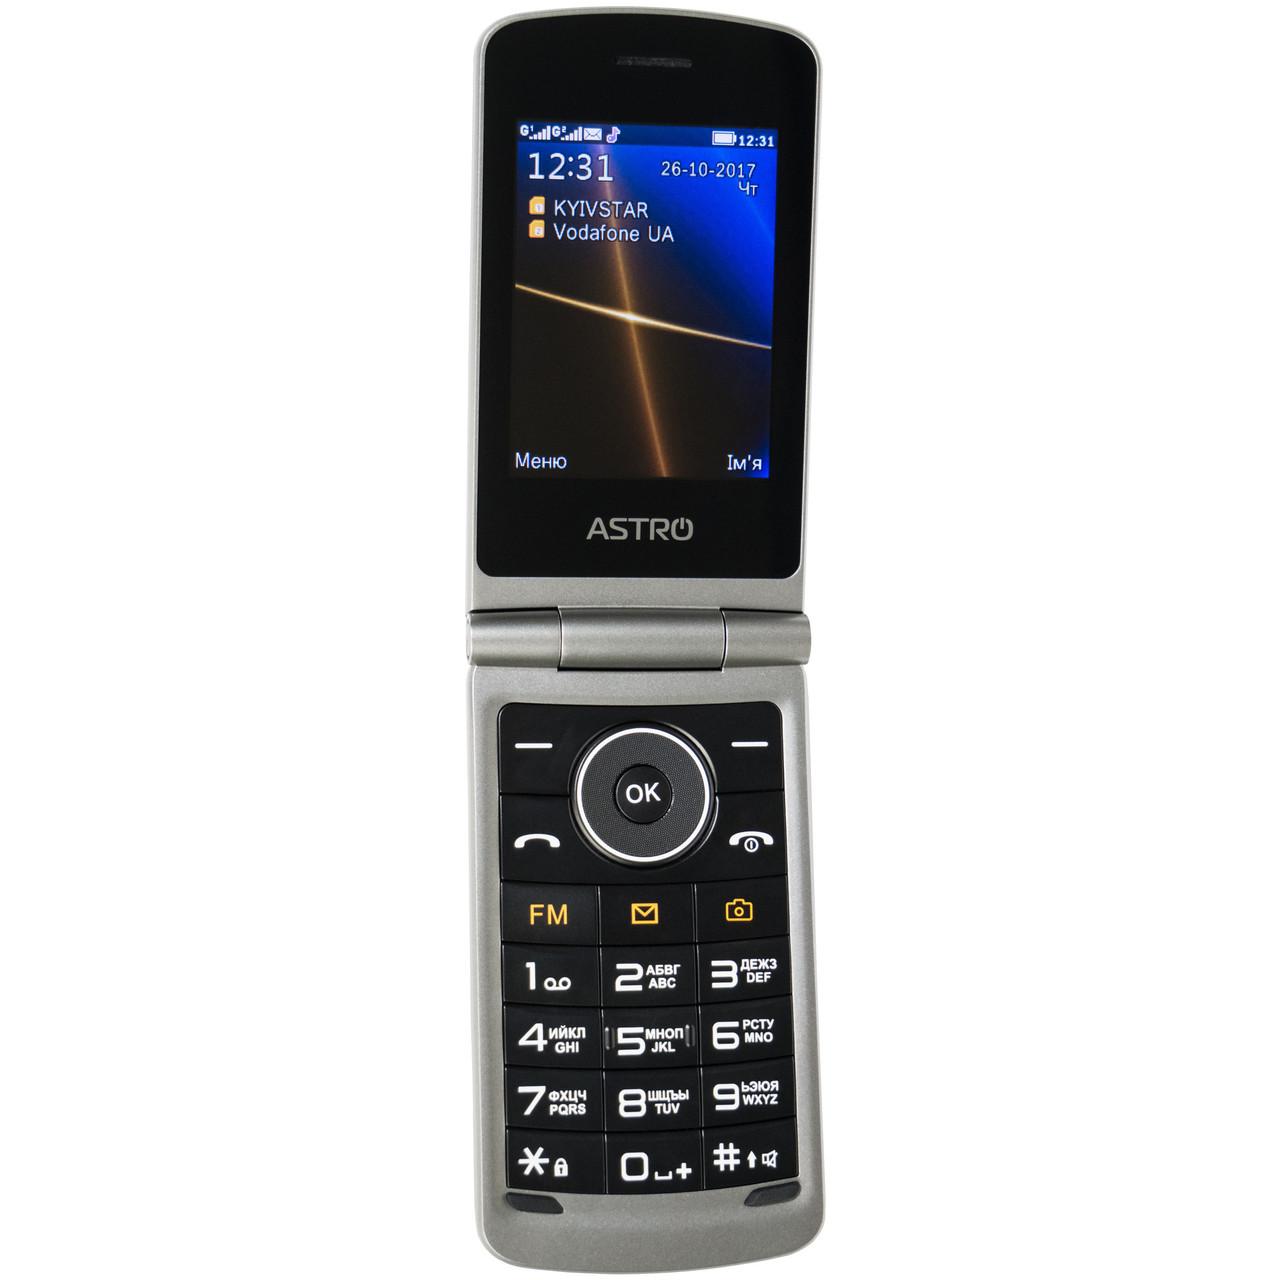 Кнопочный телефон раскладушка Astro A284 Dual Sim Red красивый мобильный телефон